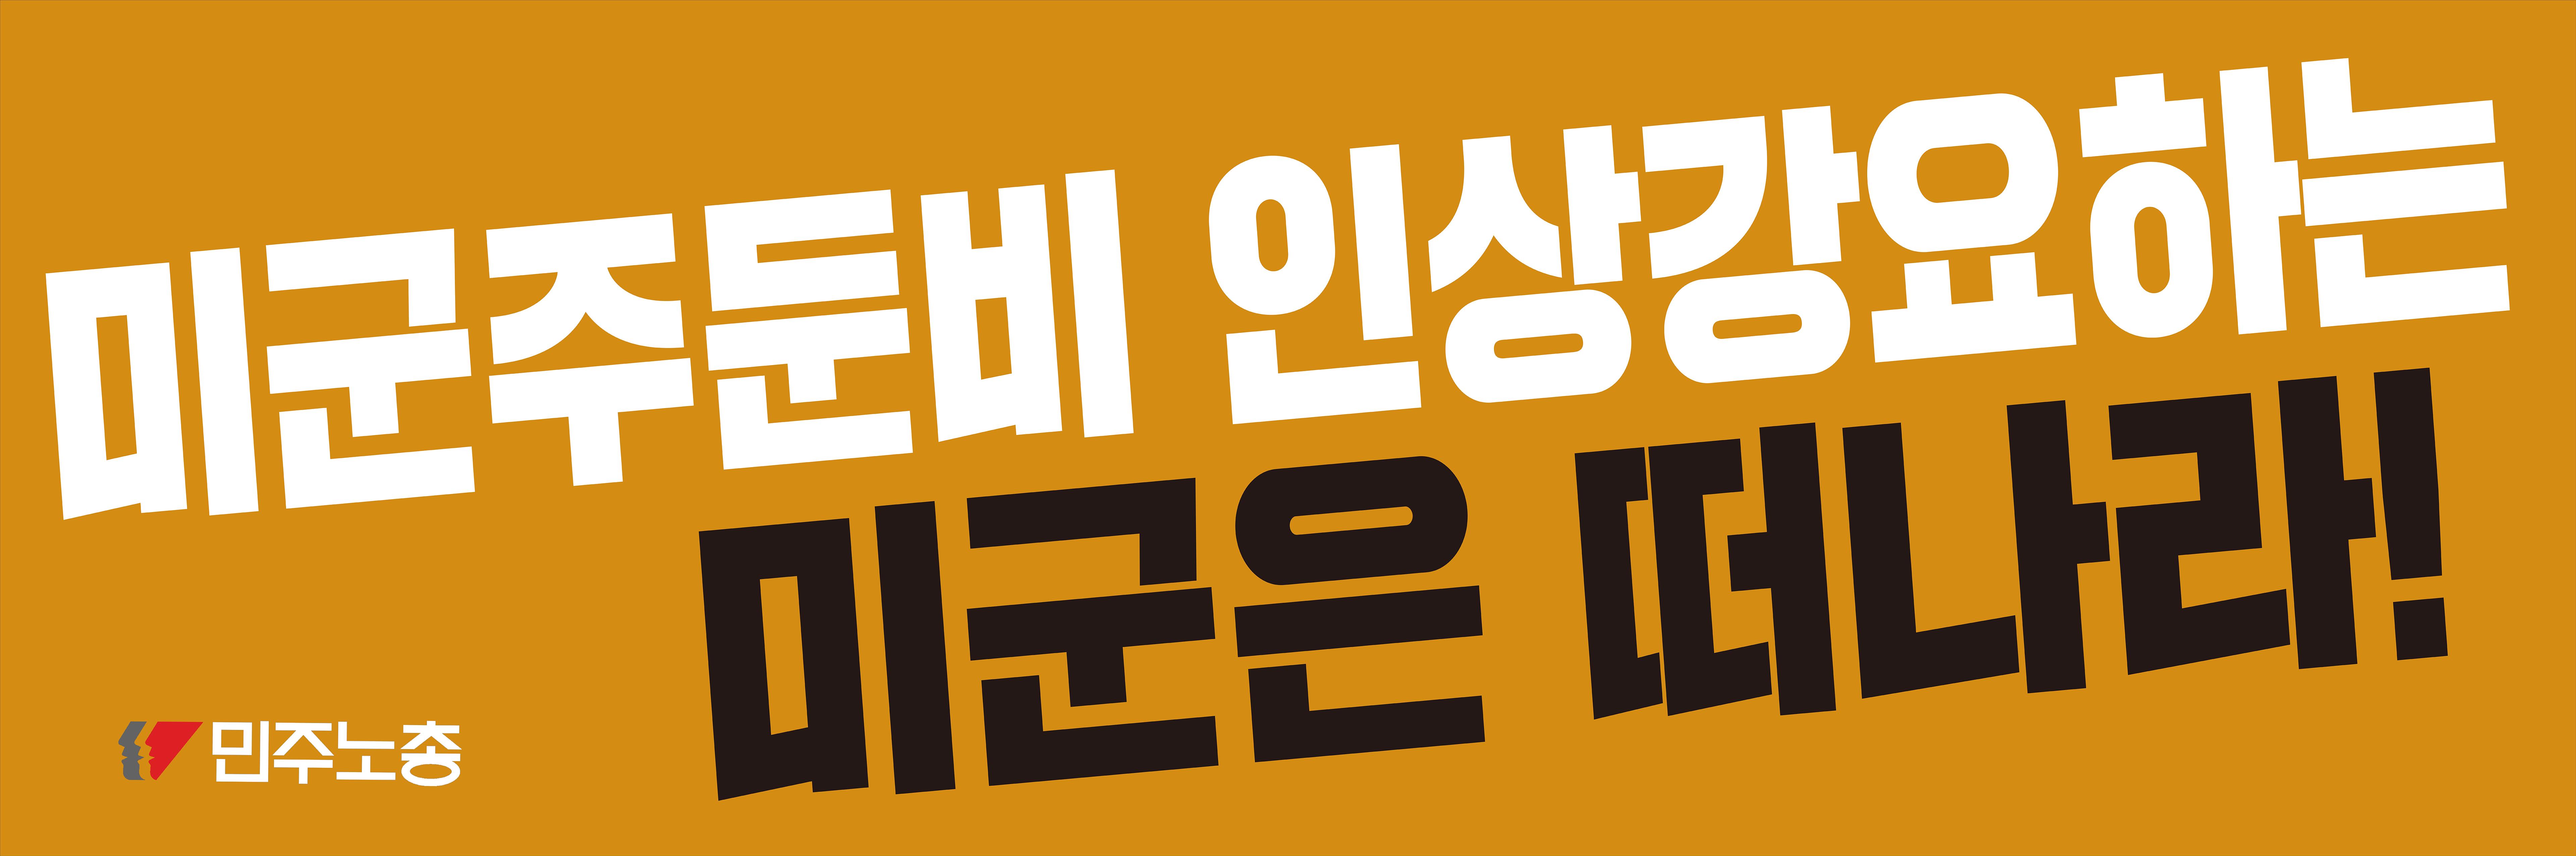 현수막3_300_90 사본 복사.png